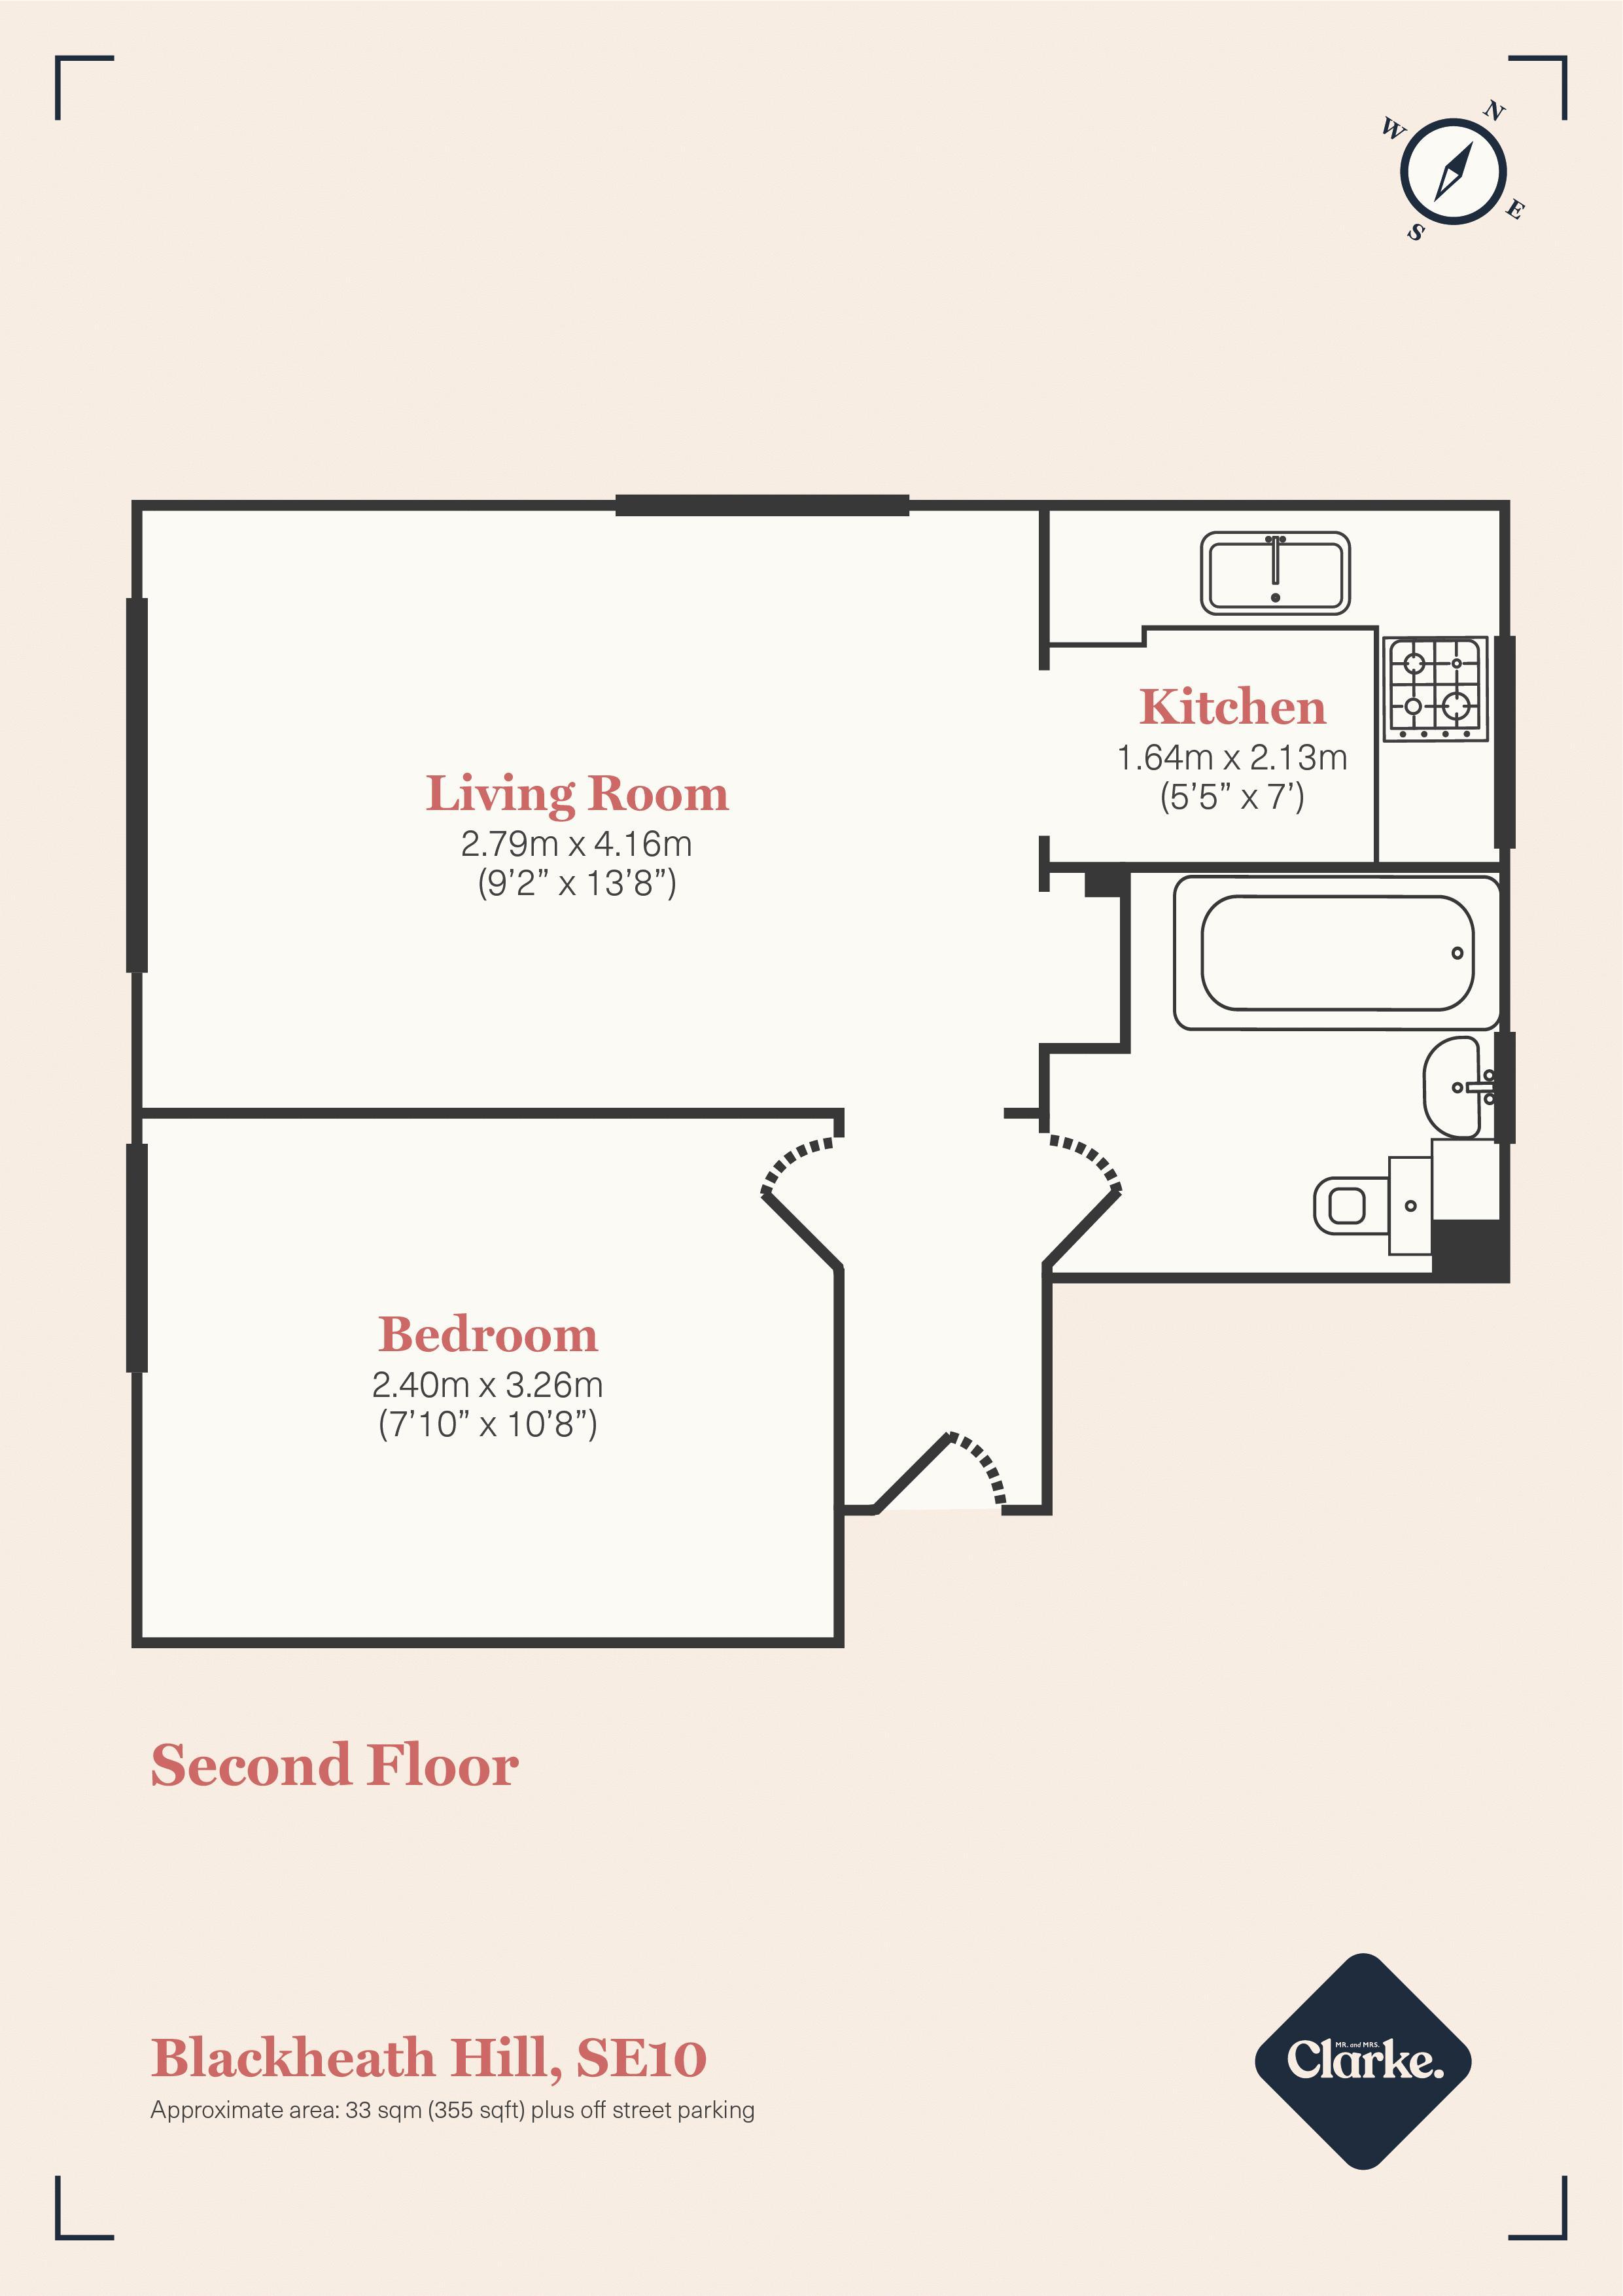 Blackheath Hill, SE10. Floorplan. Floor Plan.